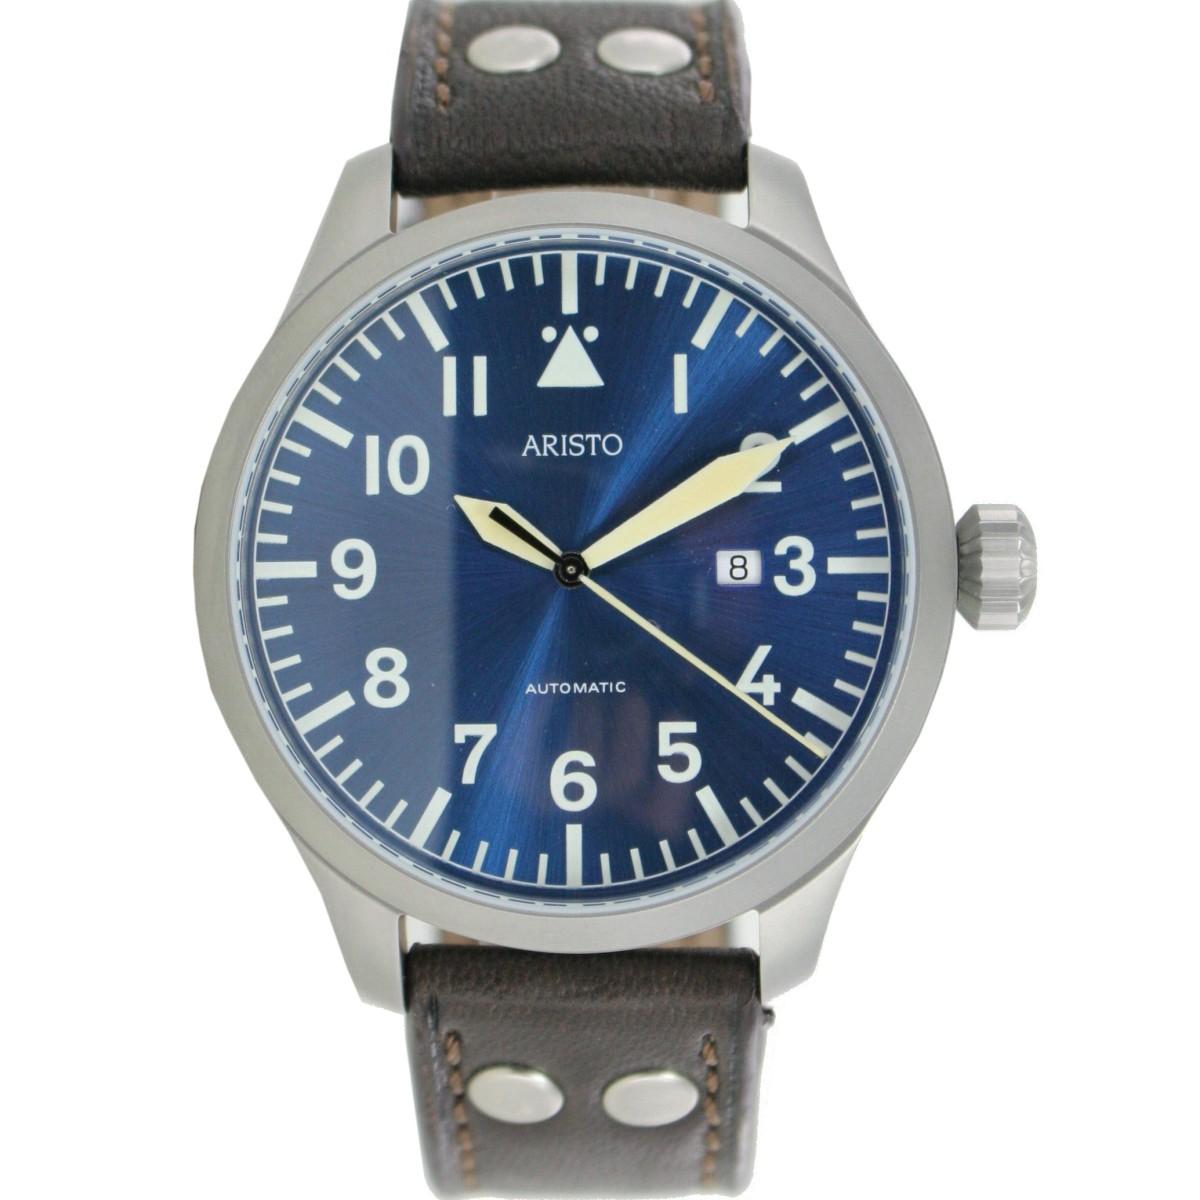 aristo herren uhr armbanduhr automatic blaue 47 beobachter 3h159 leder. Black Bedroom Furniture Sets. Home Design Ideas